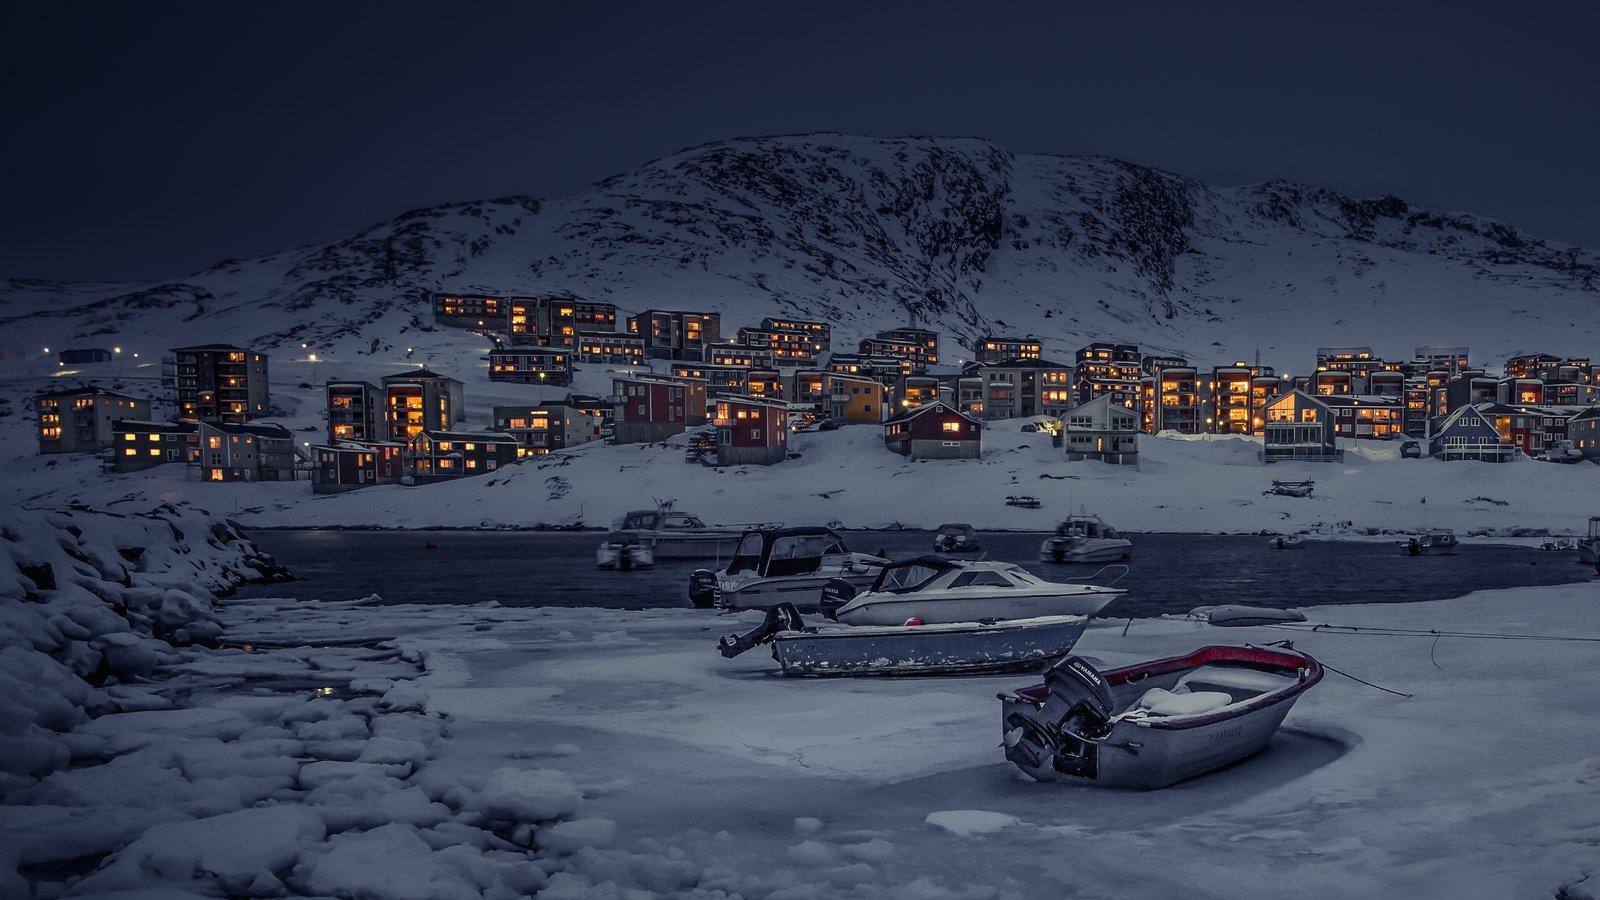 Nuuk ofreciendo escenas nocturnas, montañas y nieve